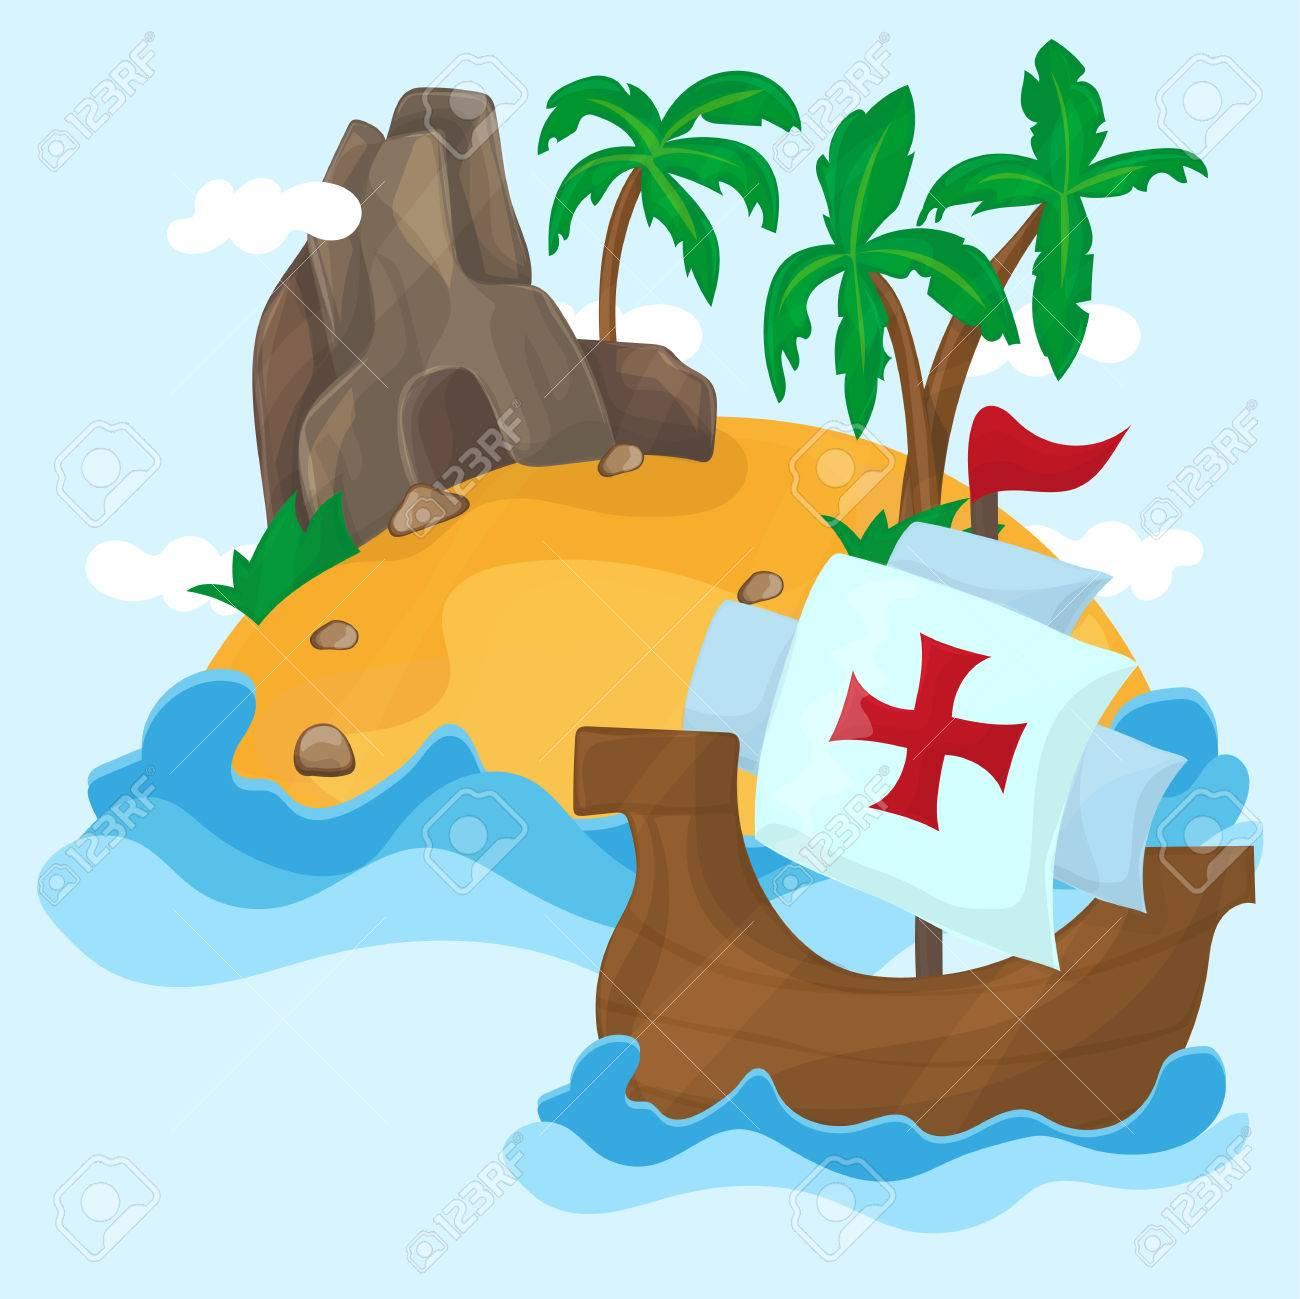 Los Barcos De Cristóbal Colón Y La Isla Tropical Con Palmeras En El